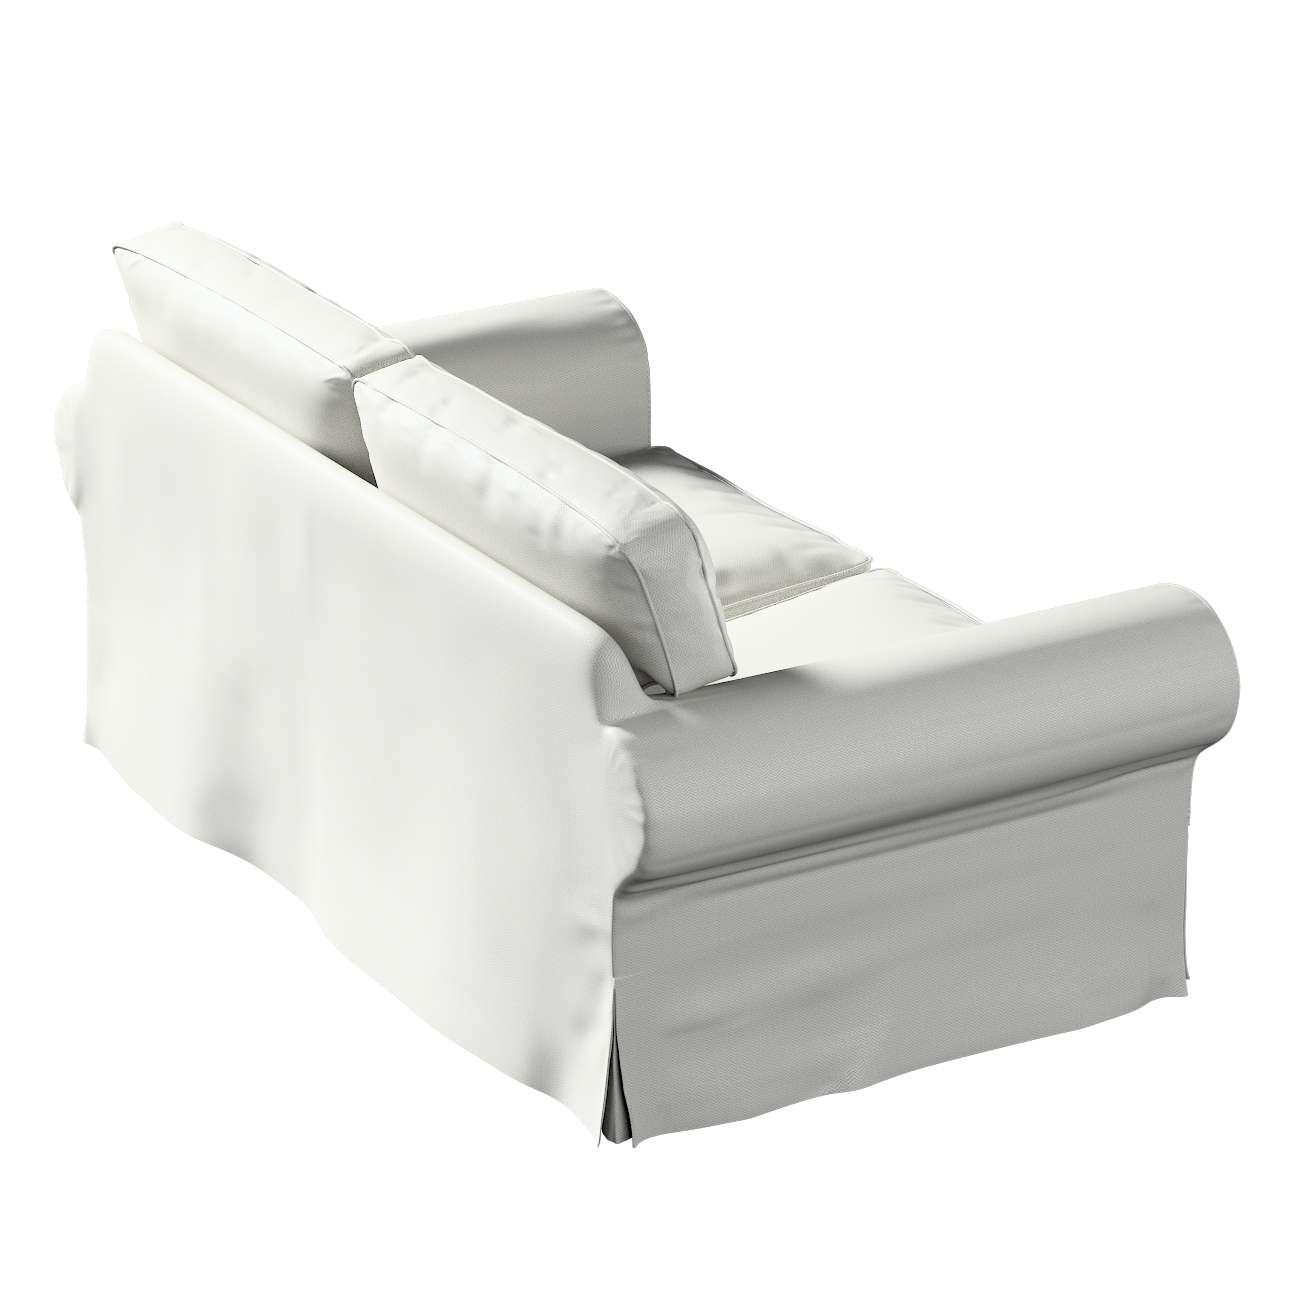 Bezug für Ektorp 2-Sitzer Schlafsofa NEUES Modell von der Kollektion Bergen, Stoff: 161-84